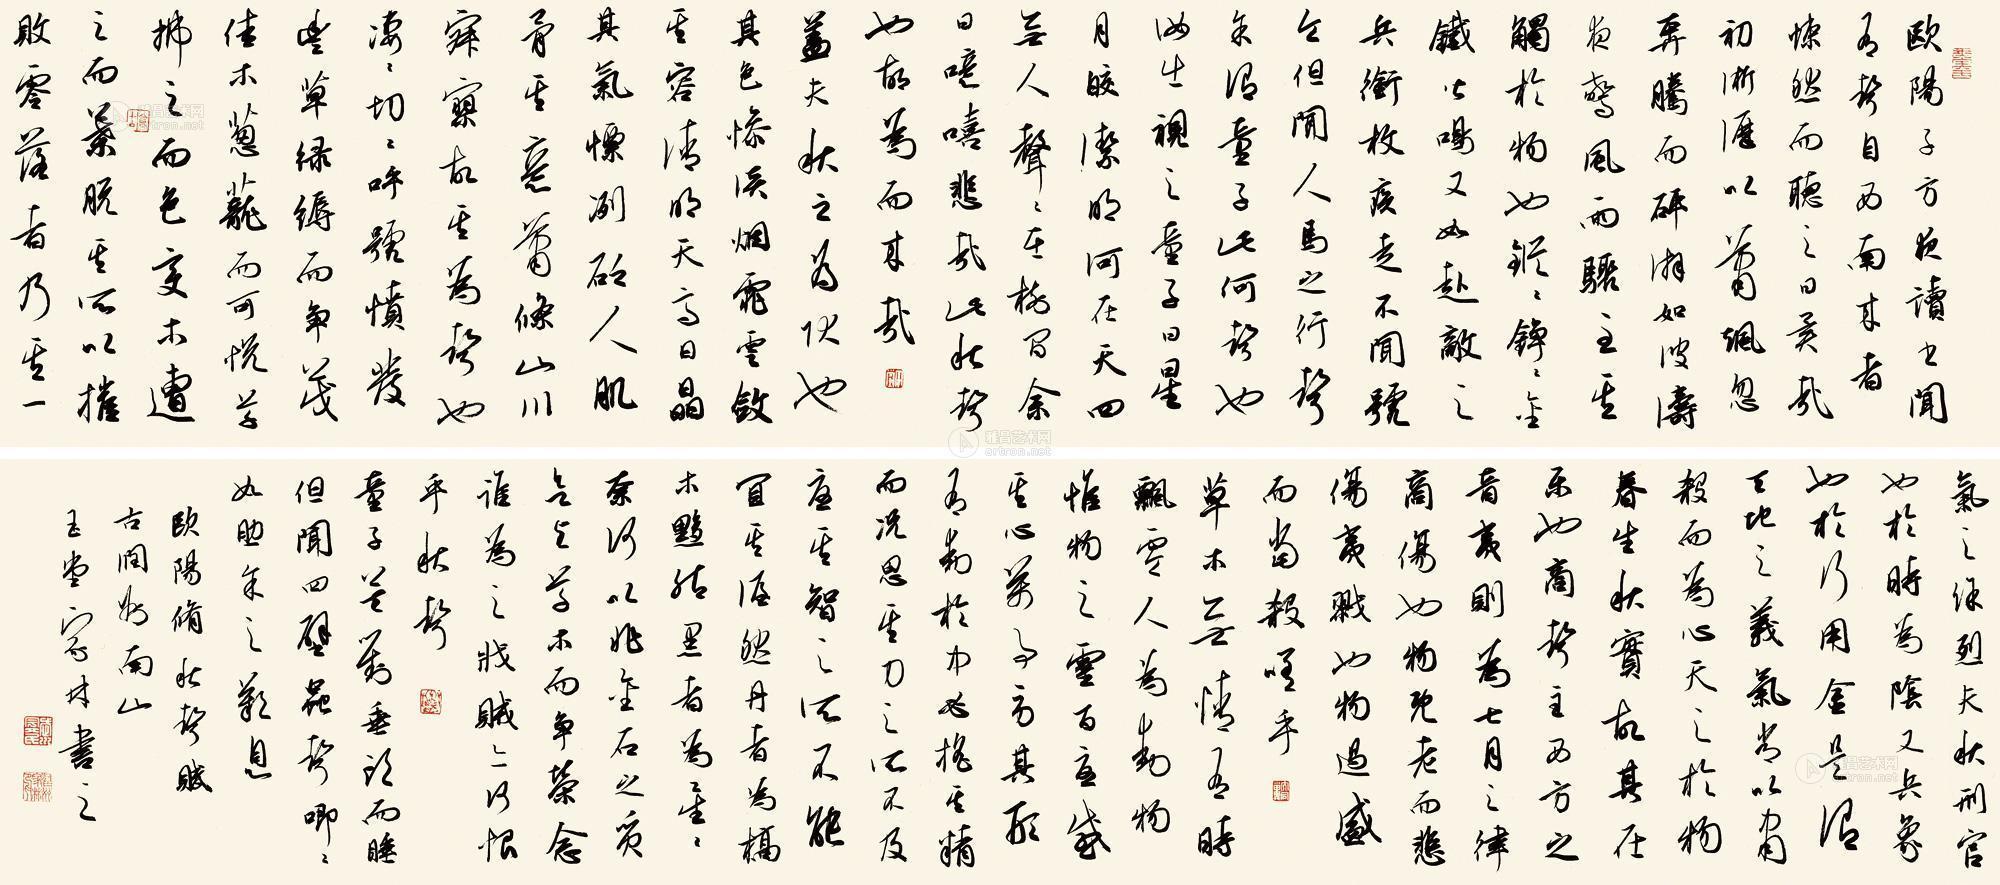 《秋声赋》欧阳修文言文原文注释翻译